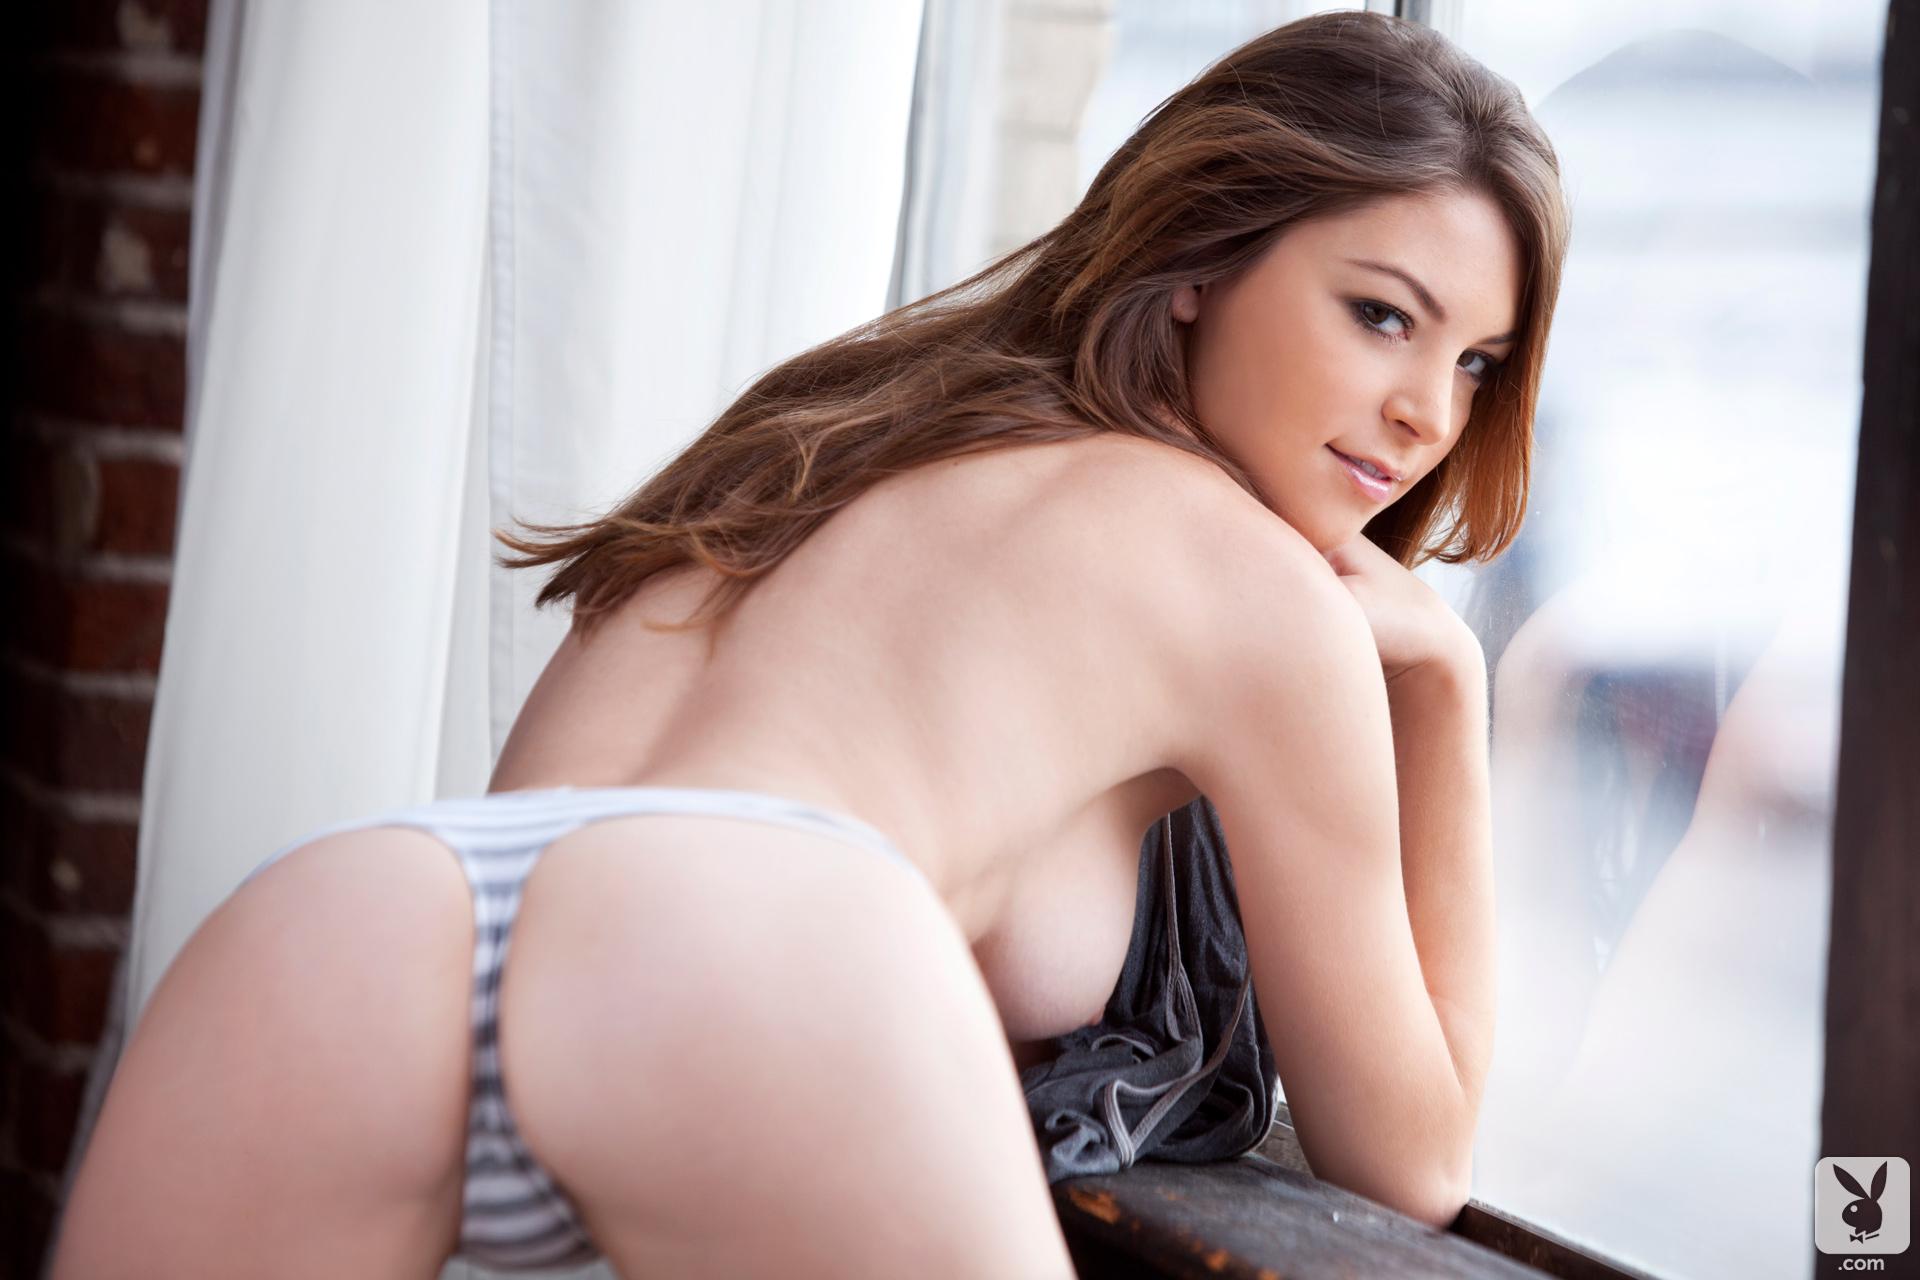 Lisa cross bodybuilder nude